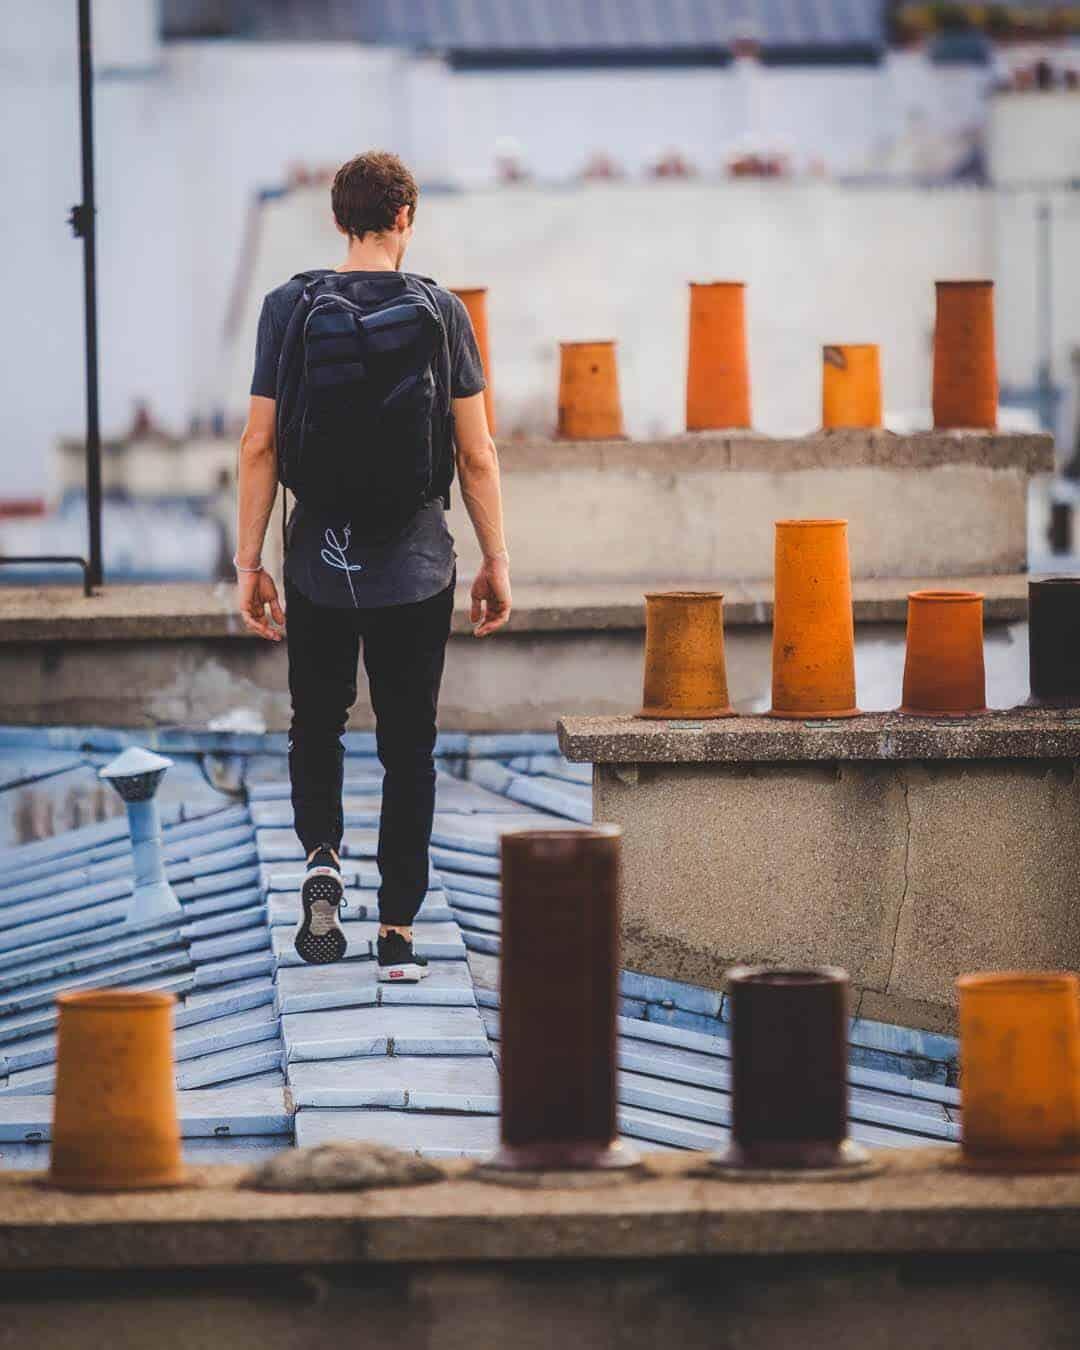 etrefort thibaut parkour clothing outdor paris rooftop pov walking